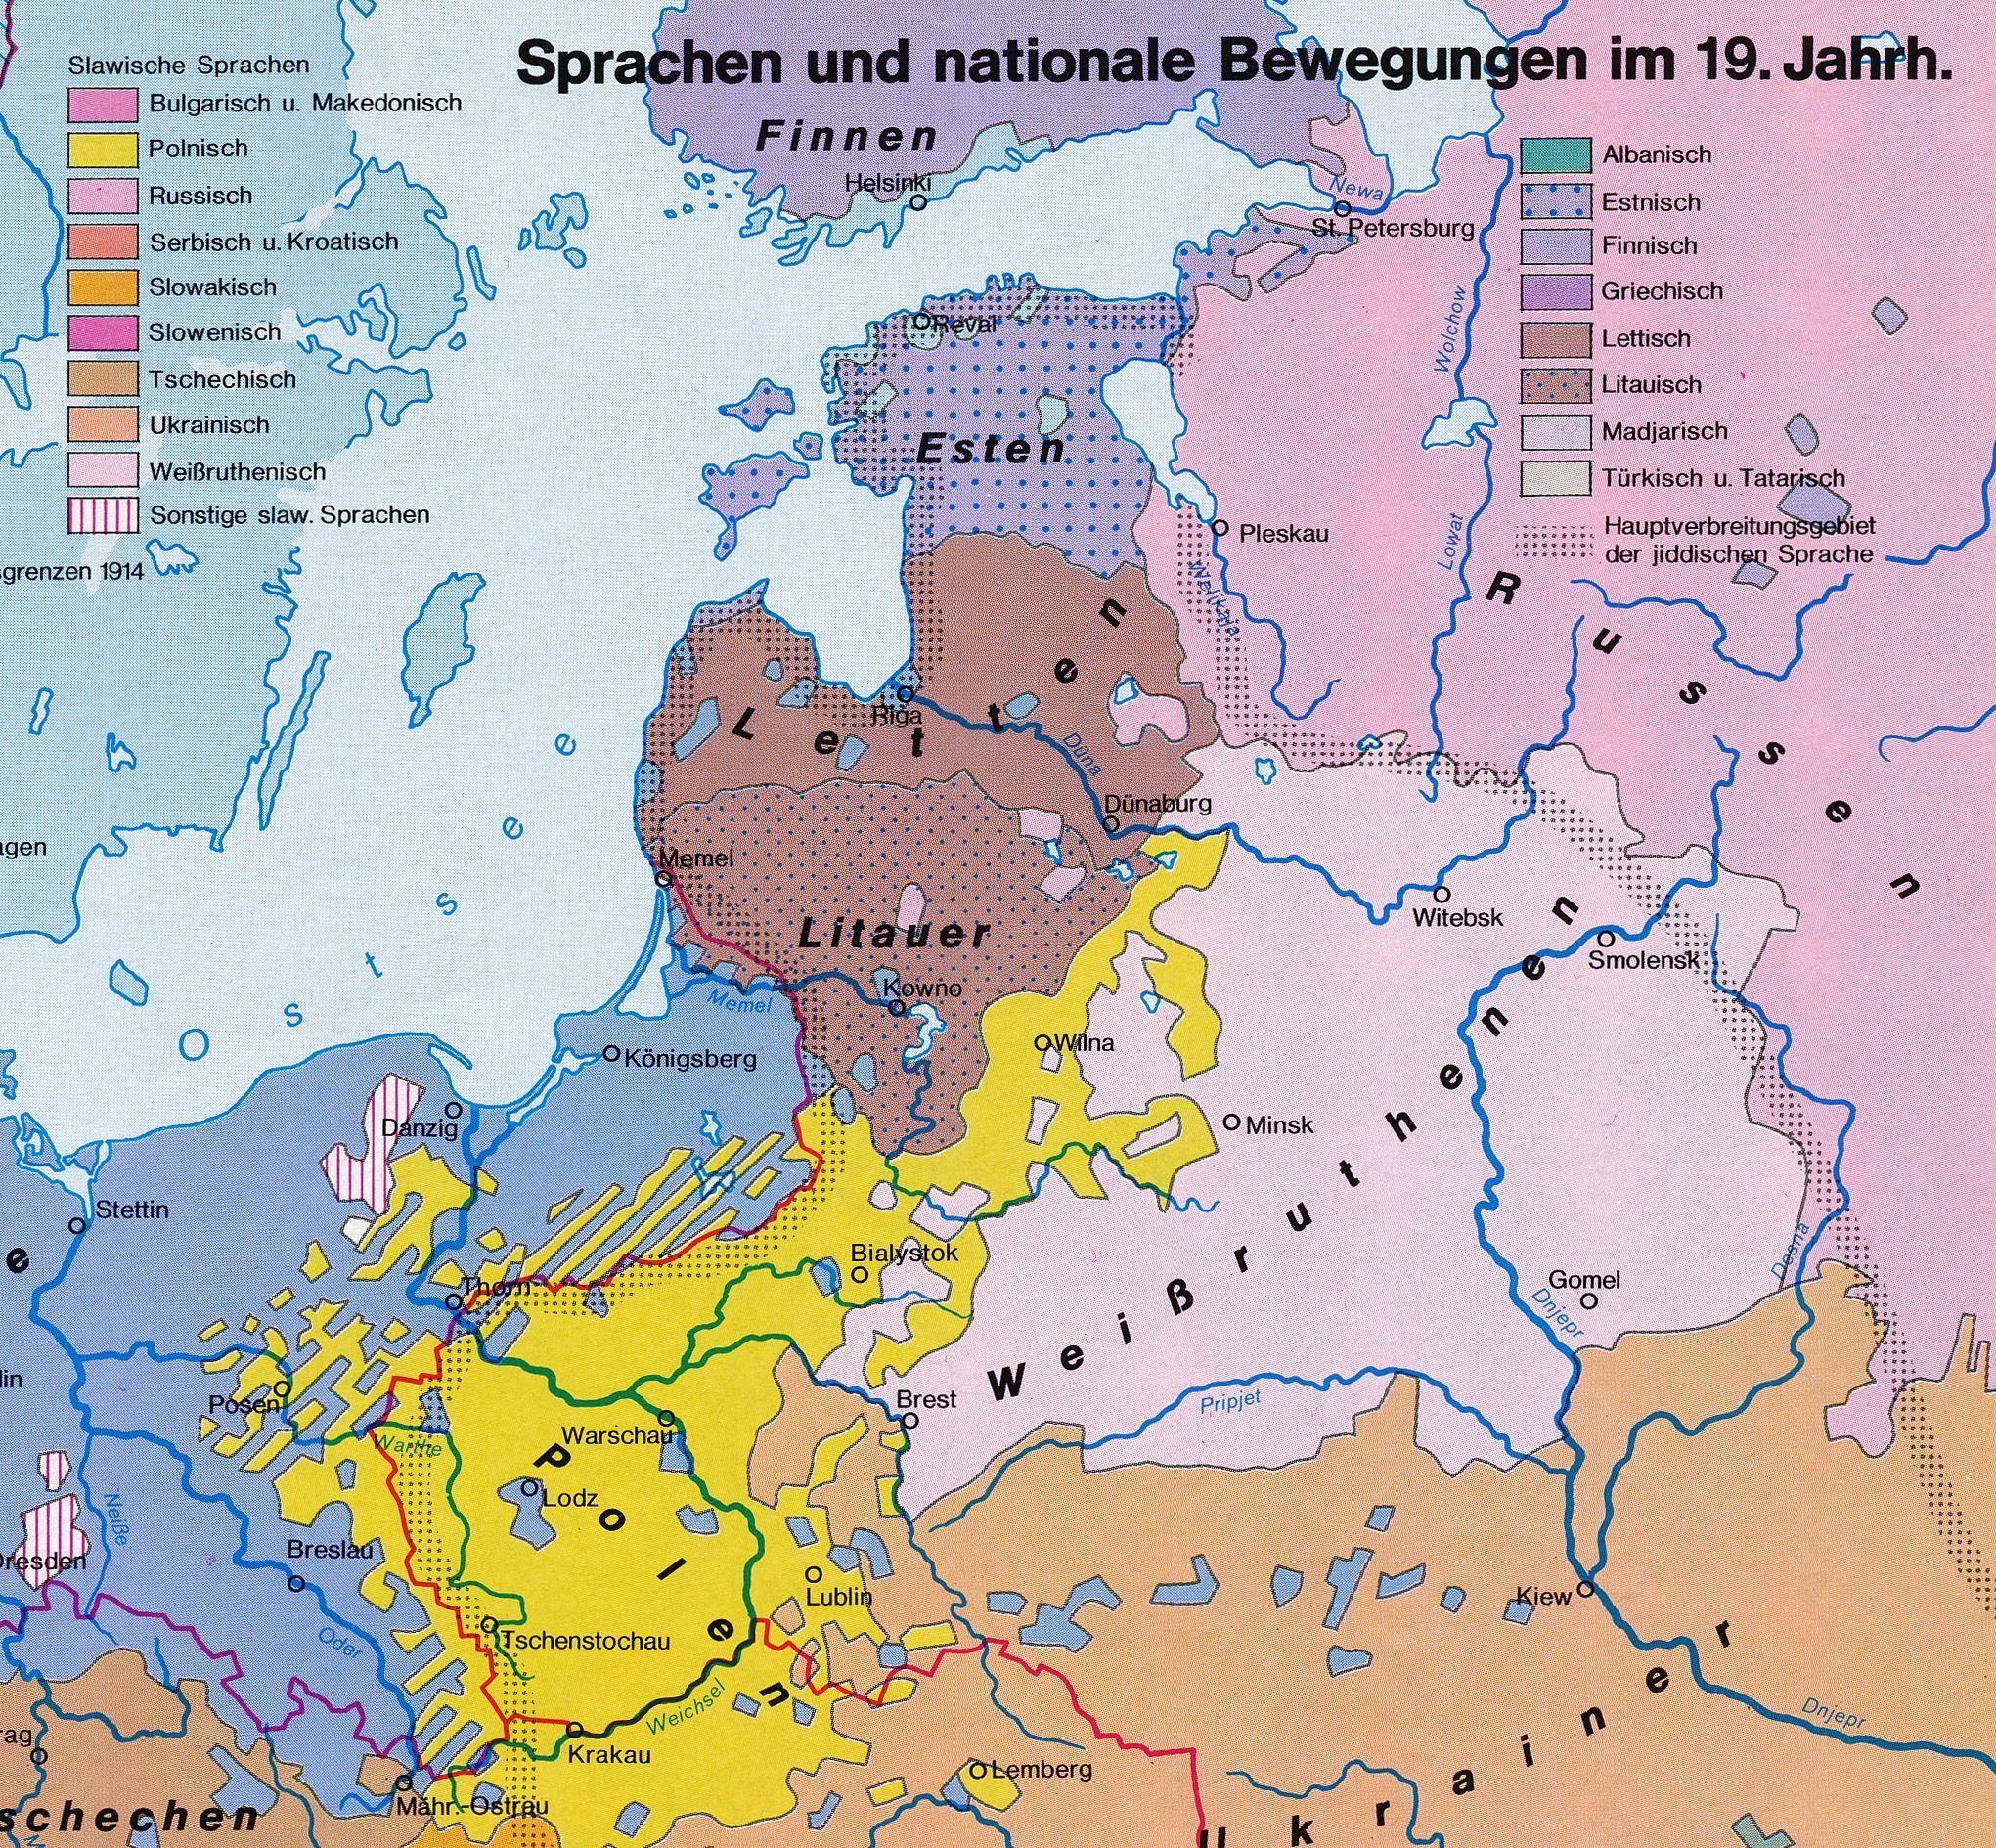 Karte Deutsches Reich 1914.Arge Baltikum Historische Karten